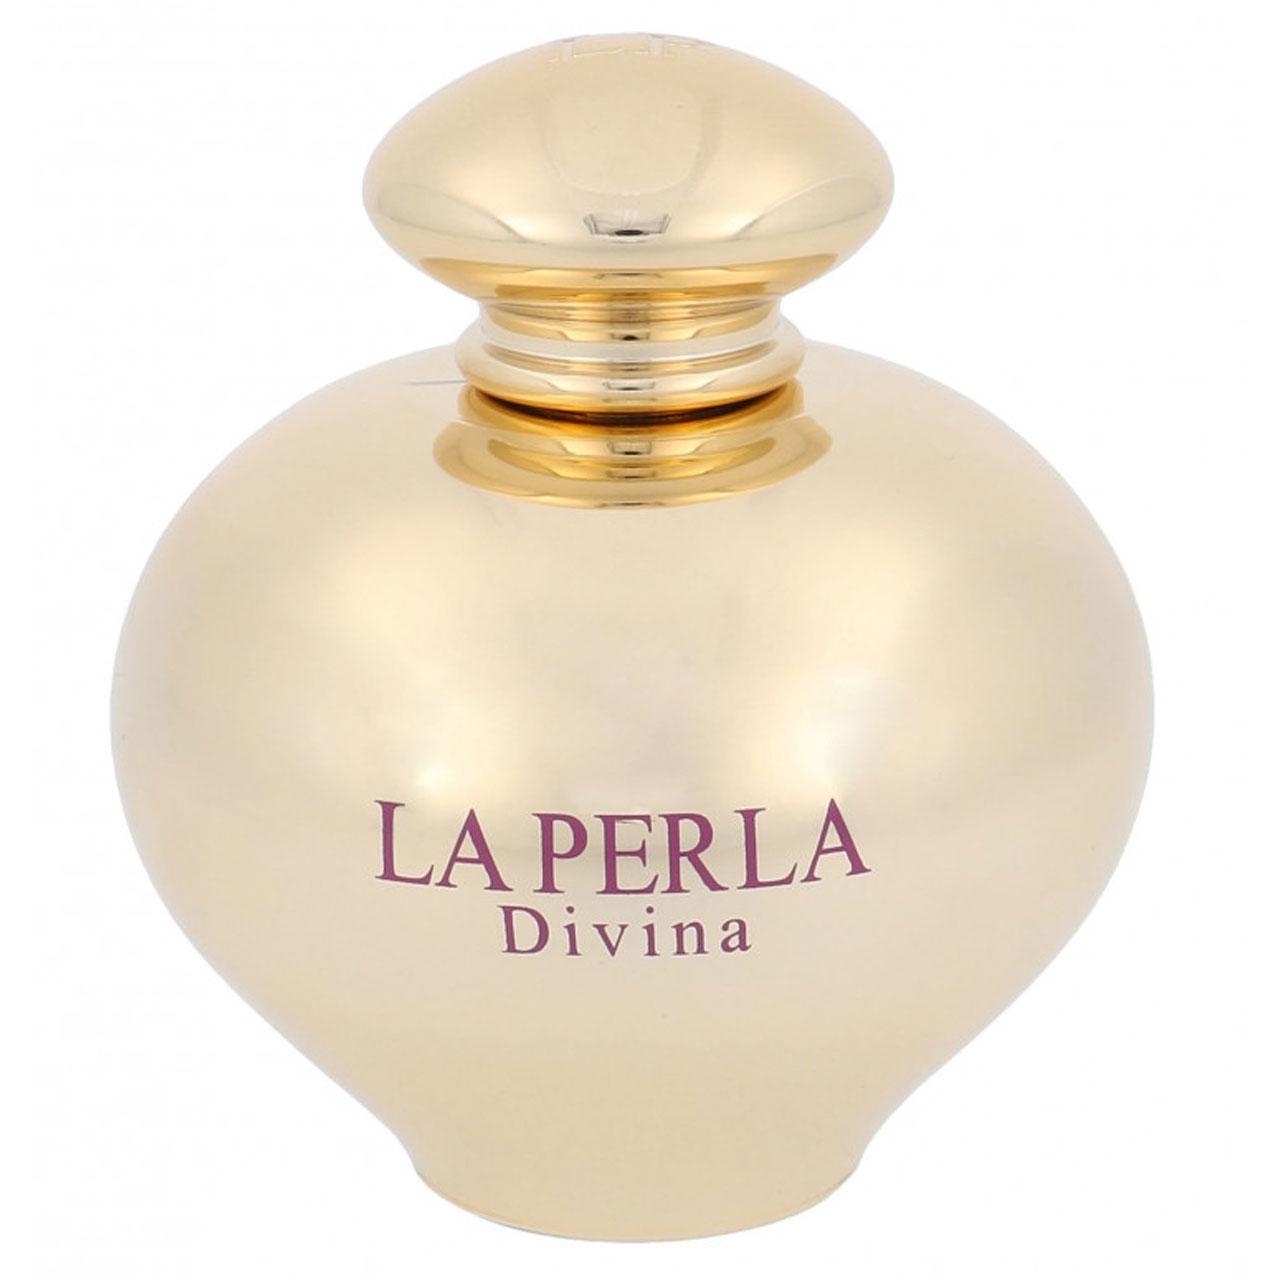 تستر ادوتویلت زنانه لاپرلا مدل Divina Gold Edition حجم80 میلی لیتر